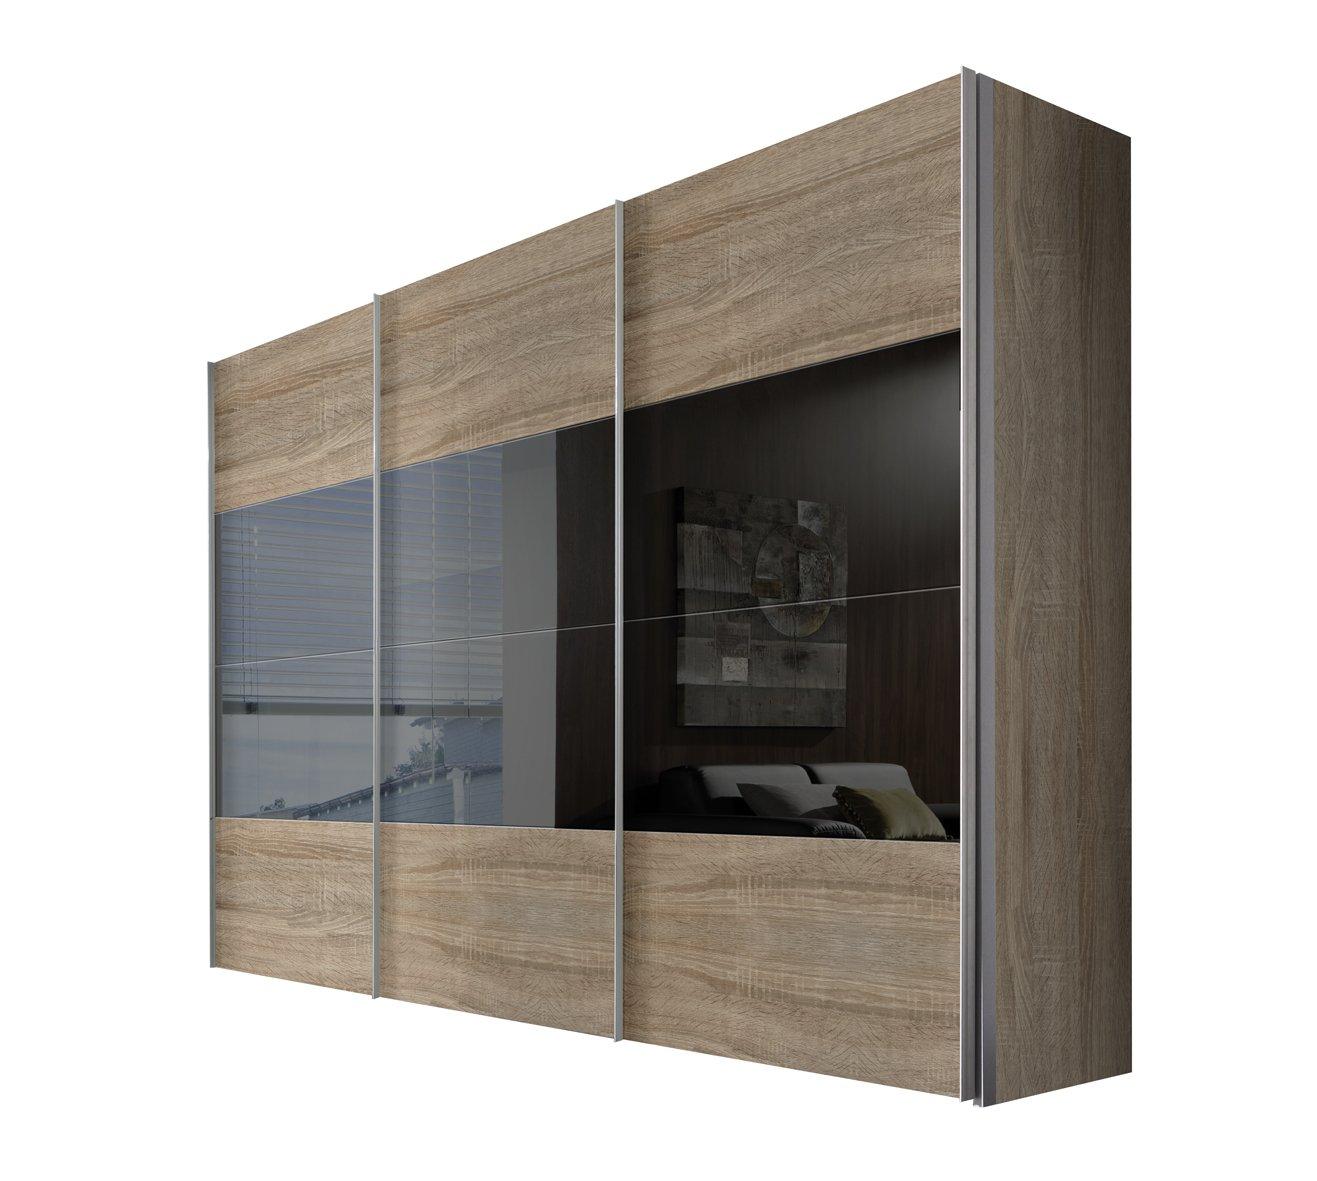 Solutions 49620-765 Schwebetürenschrank 3-türig, Korpus und Front Sonoma-eiche, Grauspiegel, Griffleisten alufarben, 68 x 300 x 216 cm